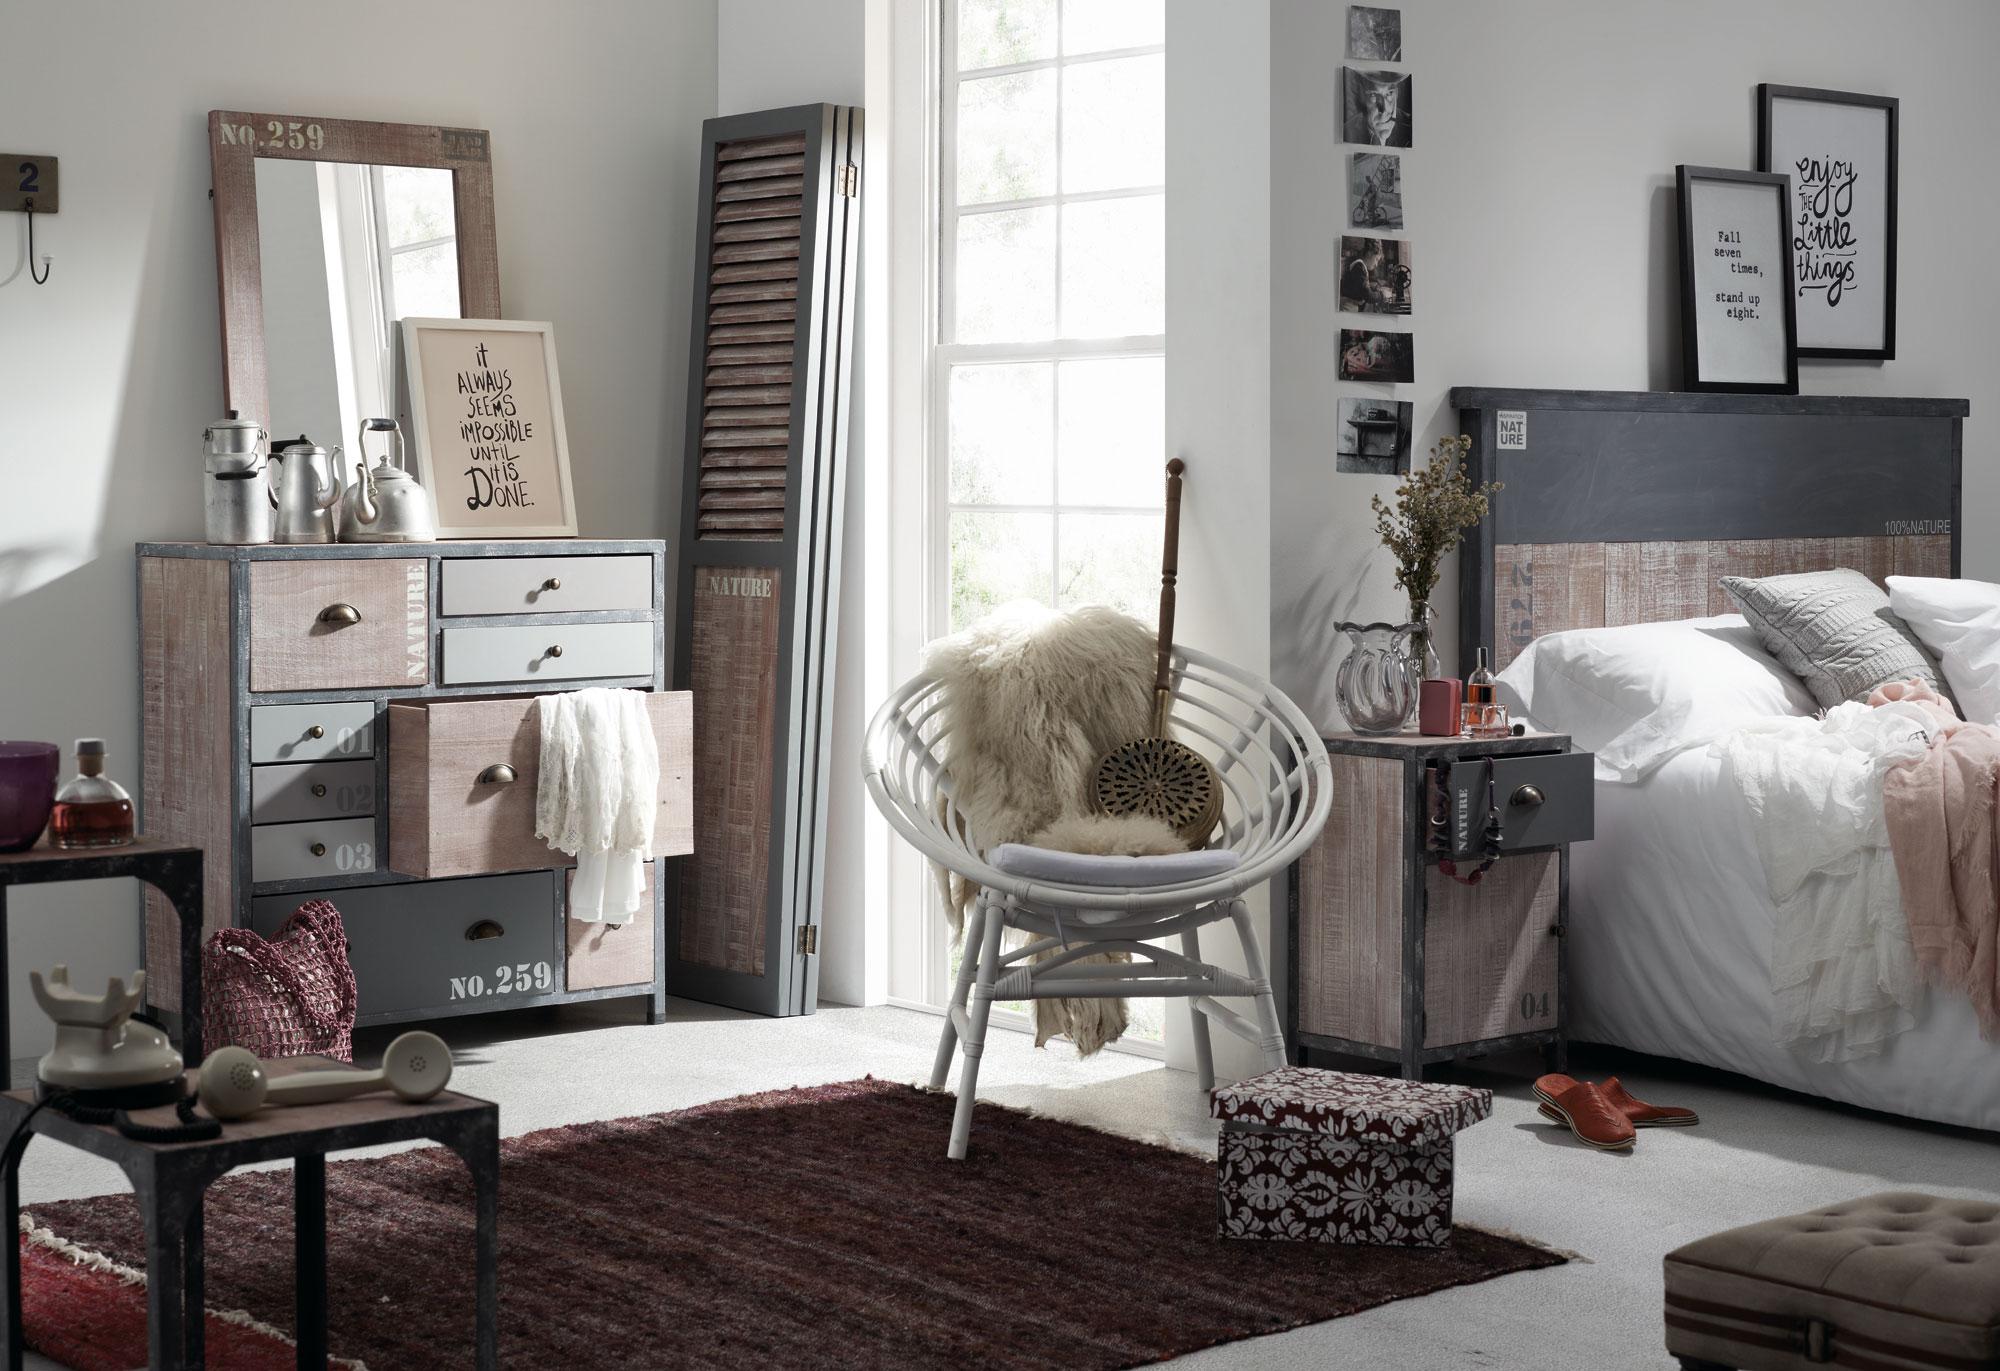 Muebles de estilo industrial vintage44 - Muebles estilo vintage ...